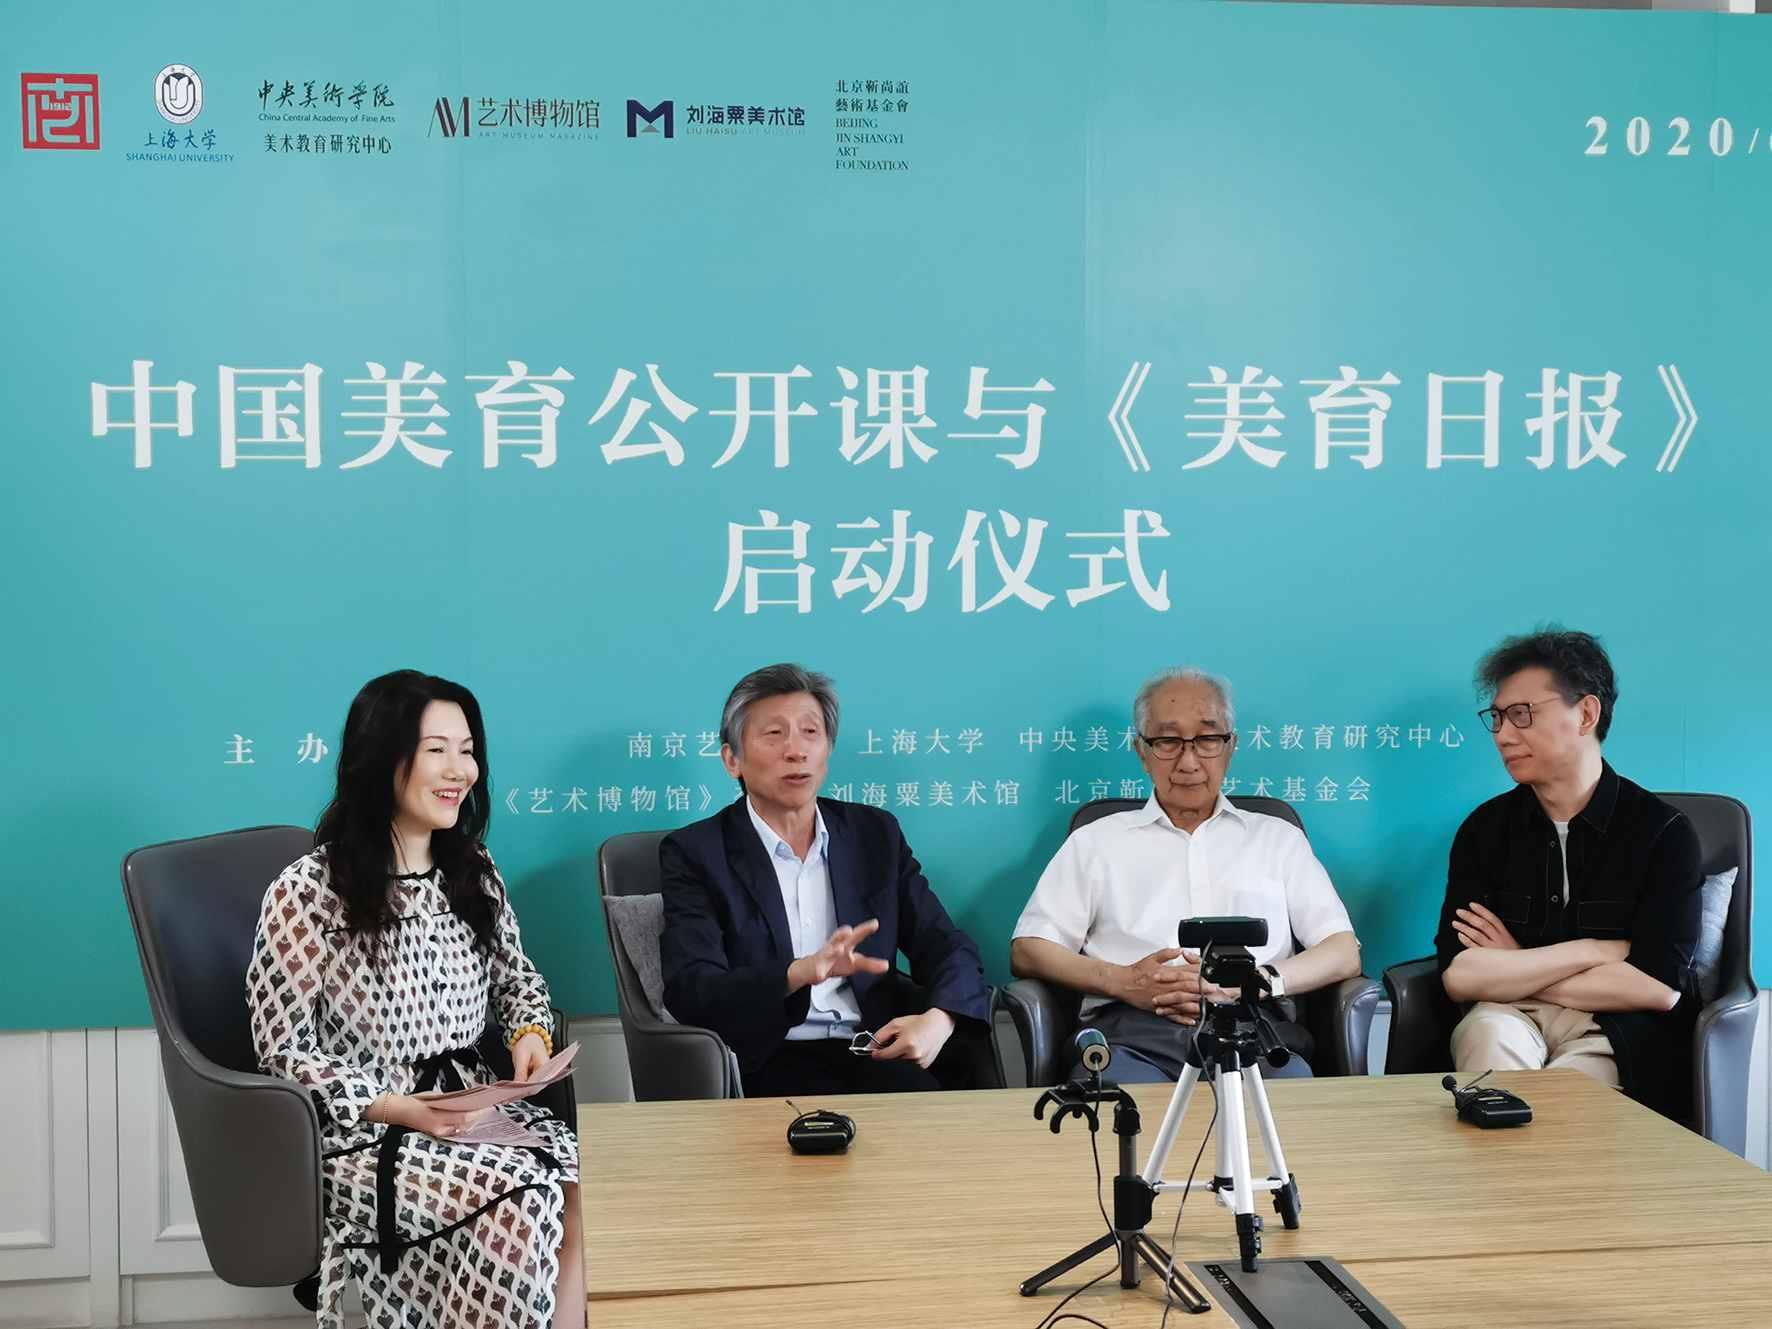 范迪安、靳尚誼、尚輝三位嘉賓與主持馬菁汝現場交流